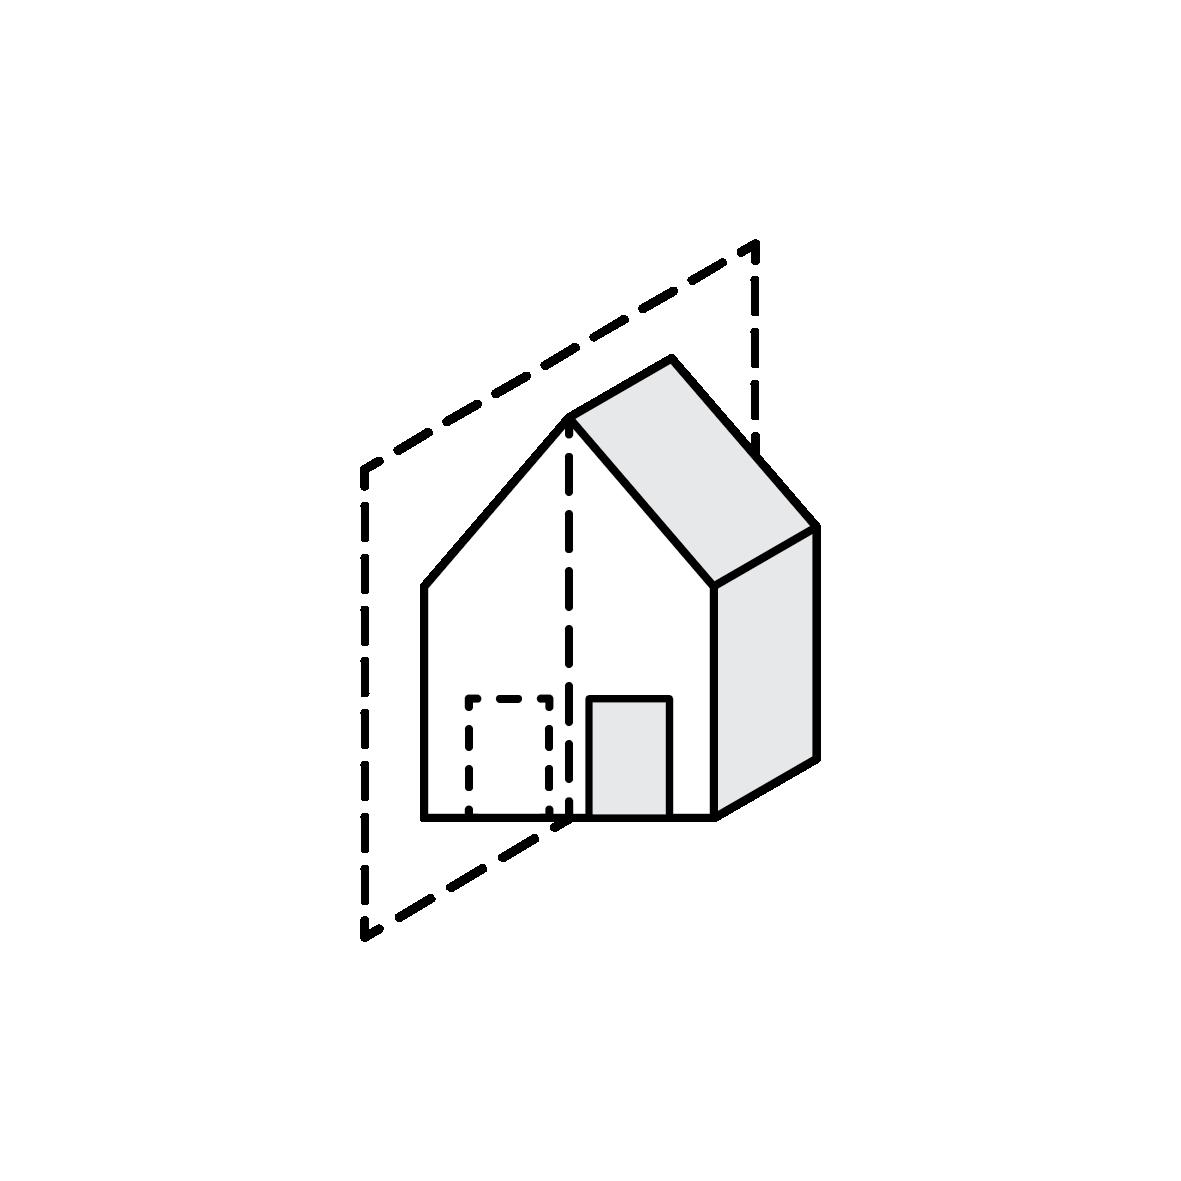 Woningsplitsing-1575278254